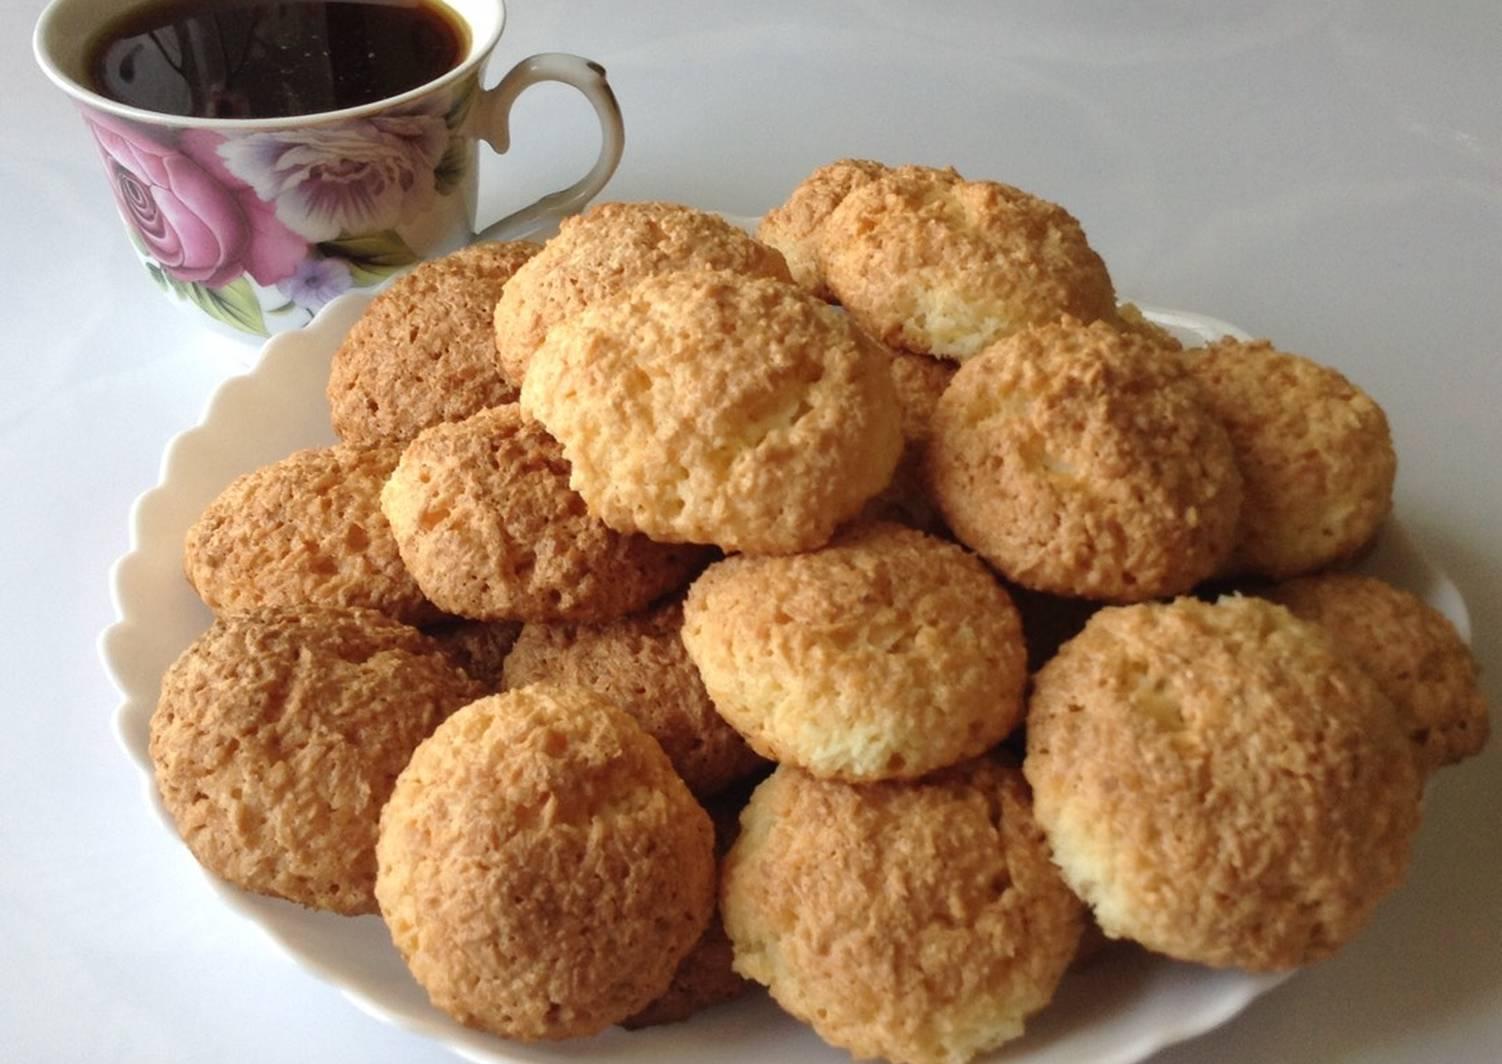 связи своей печенье из кокосовой стружки рецепты с фото еще